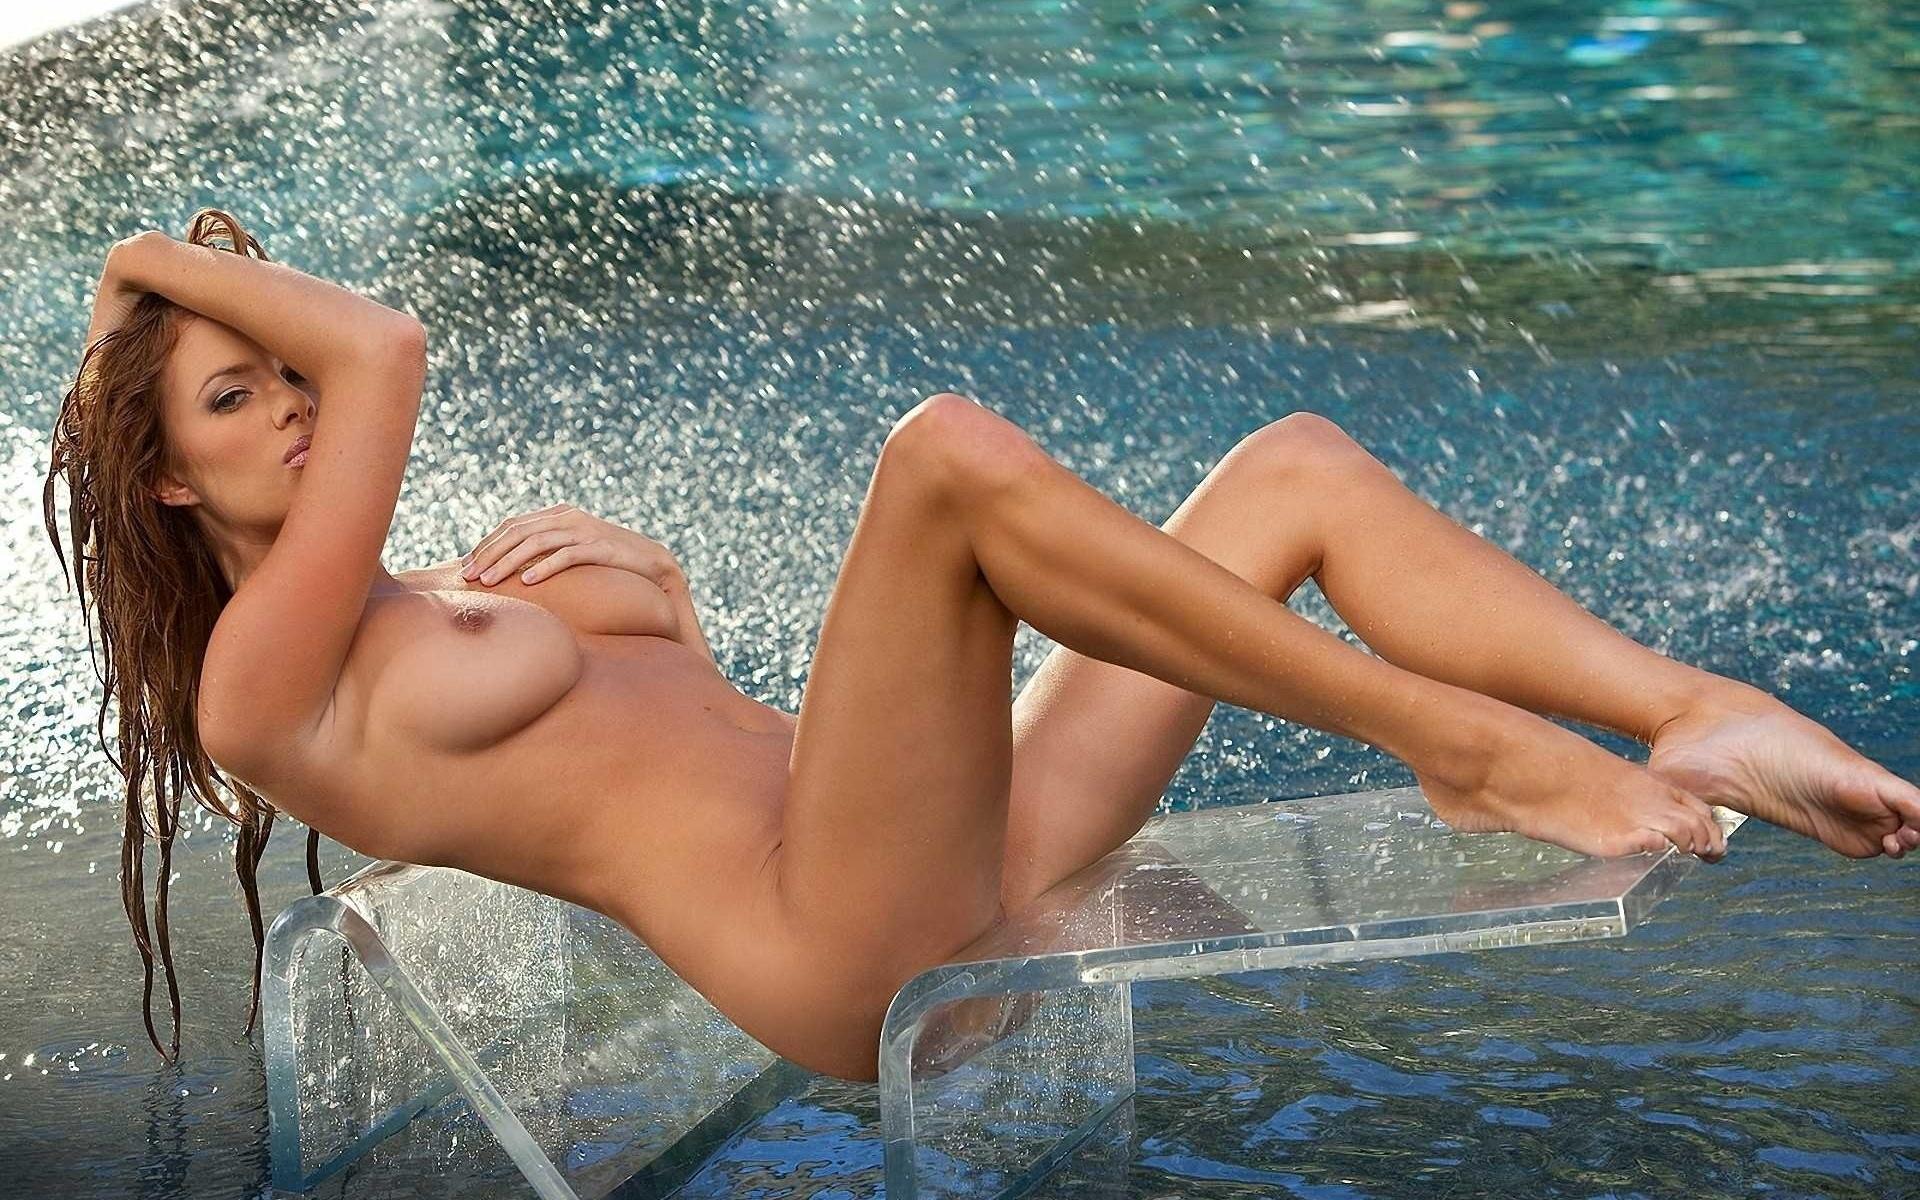 Голая мокрая женщина, анальный секс рай с игрушками фото